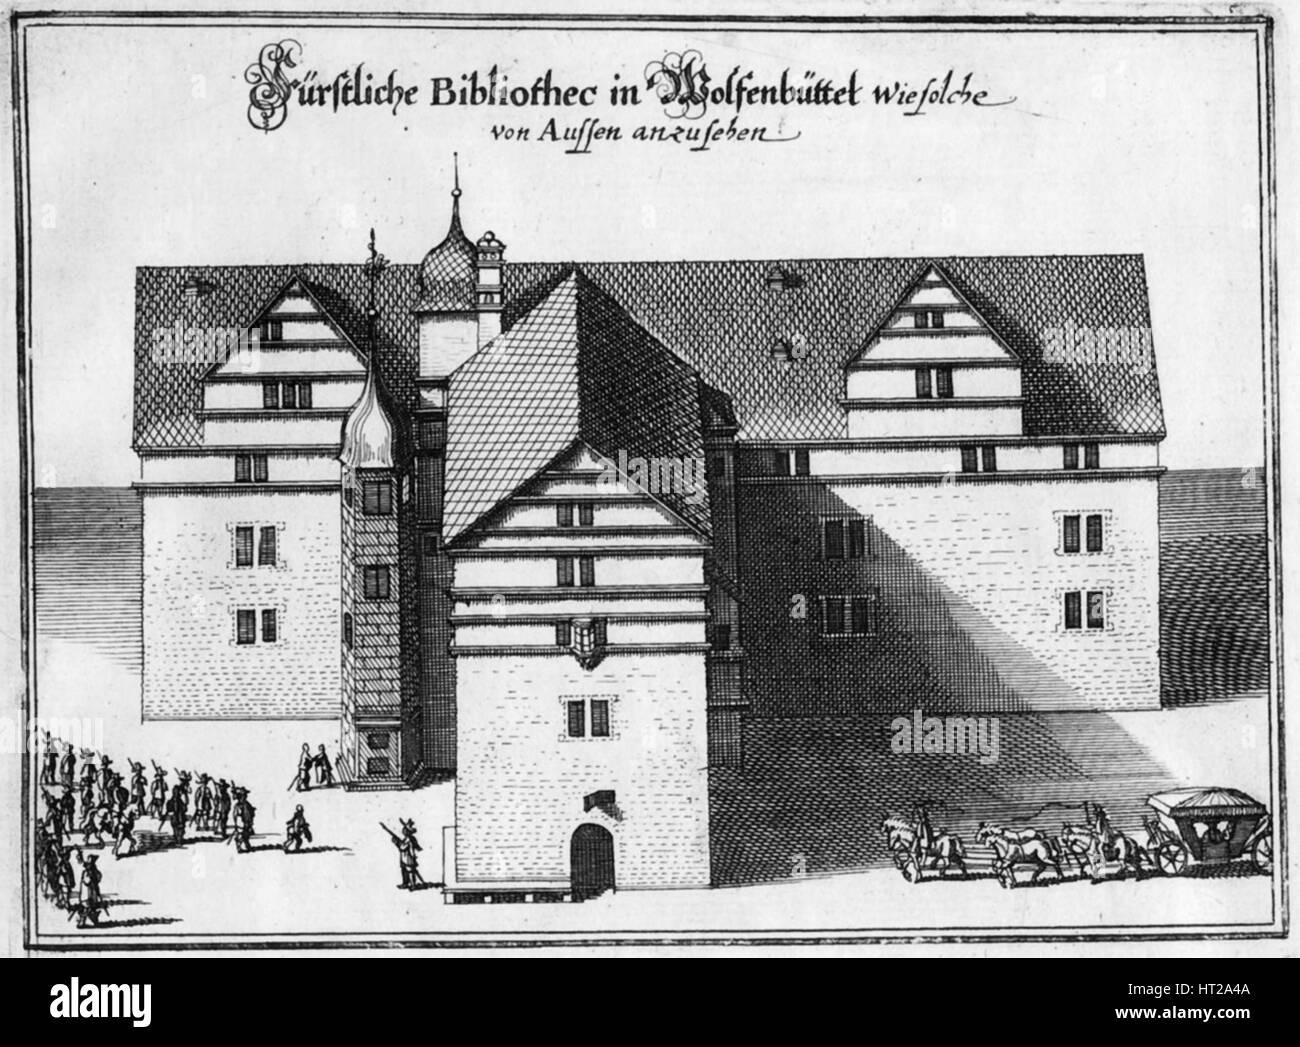 Herzog August Library in Wolfenbüttel, Between 1655 and 1660. Artist: Merian, Matthäus, the Elder (1593-1650) Stock Photo